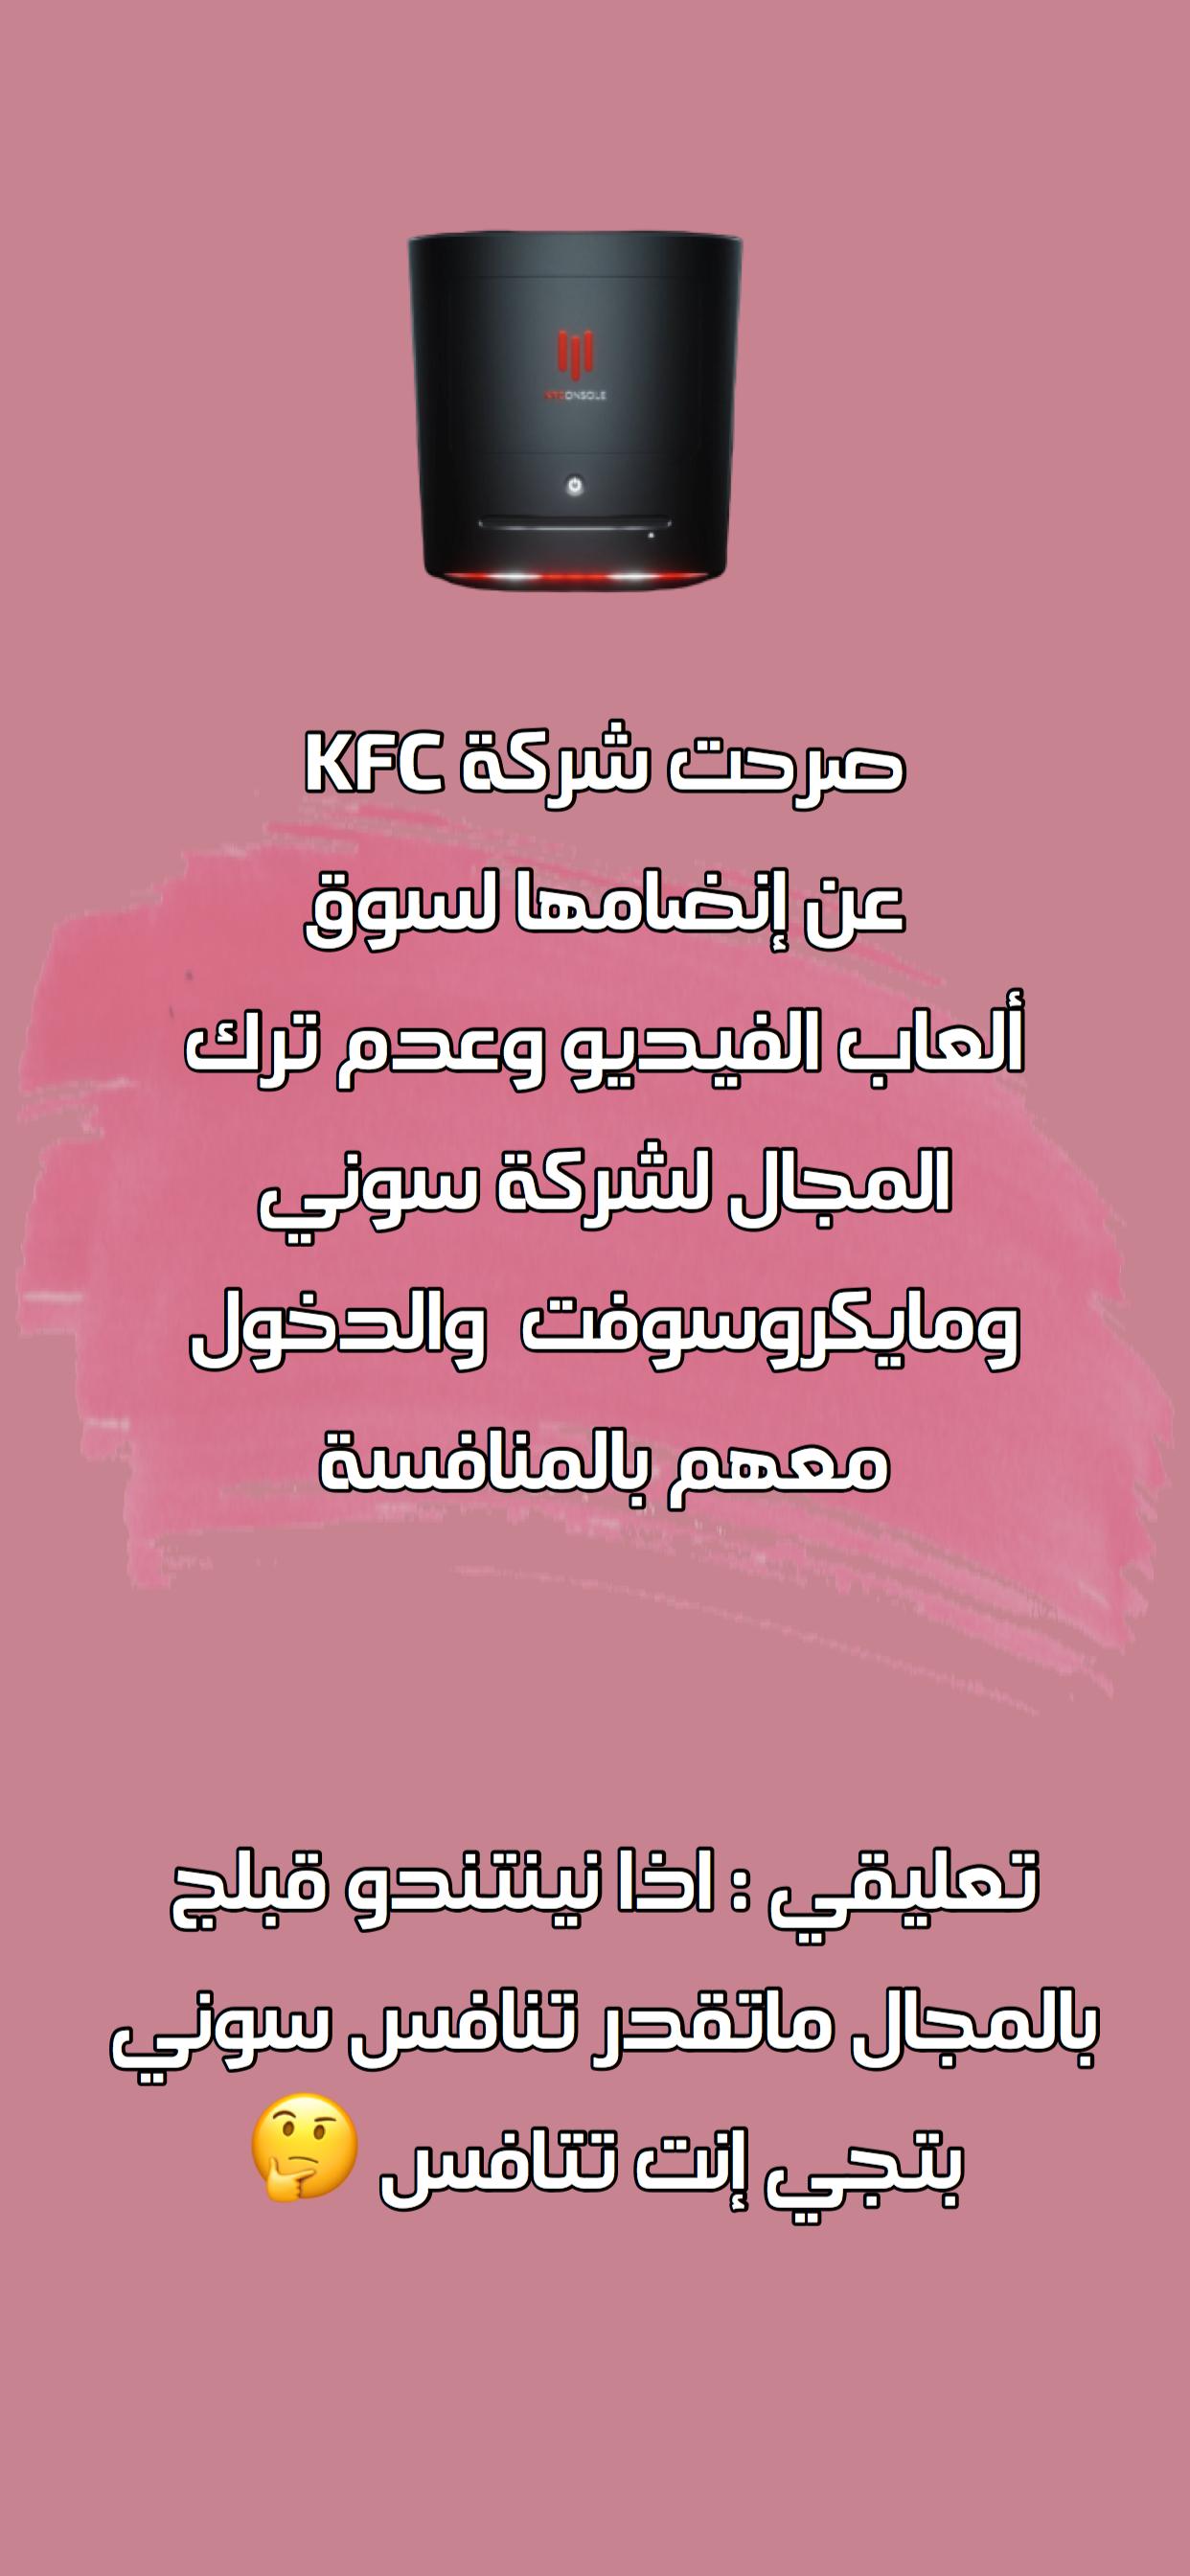 السعوديه الخليج رمضان الشرق الأوسط سناب كويت فايروس كورونا تصميم شعار لوقو دعاء Lockscreen Screenshot